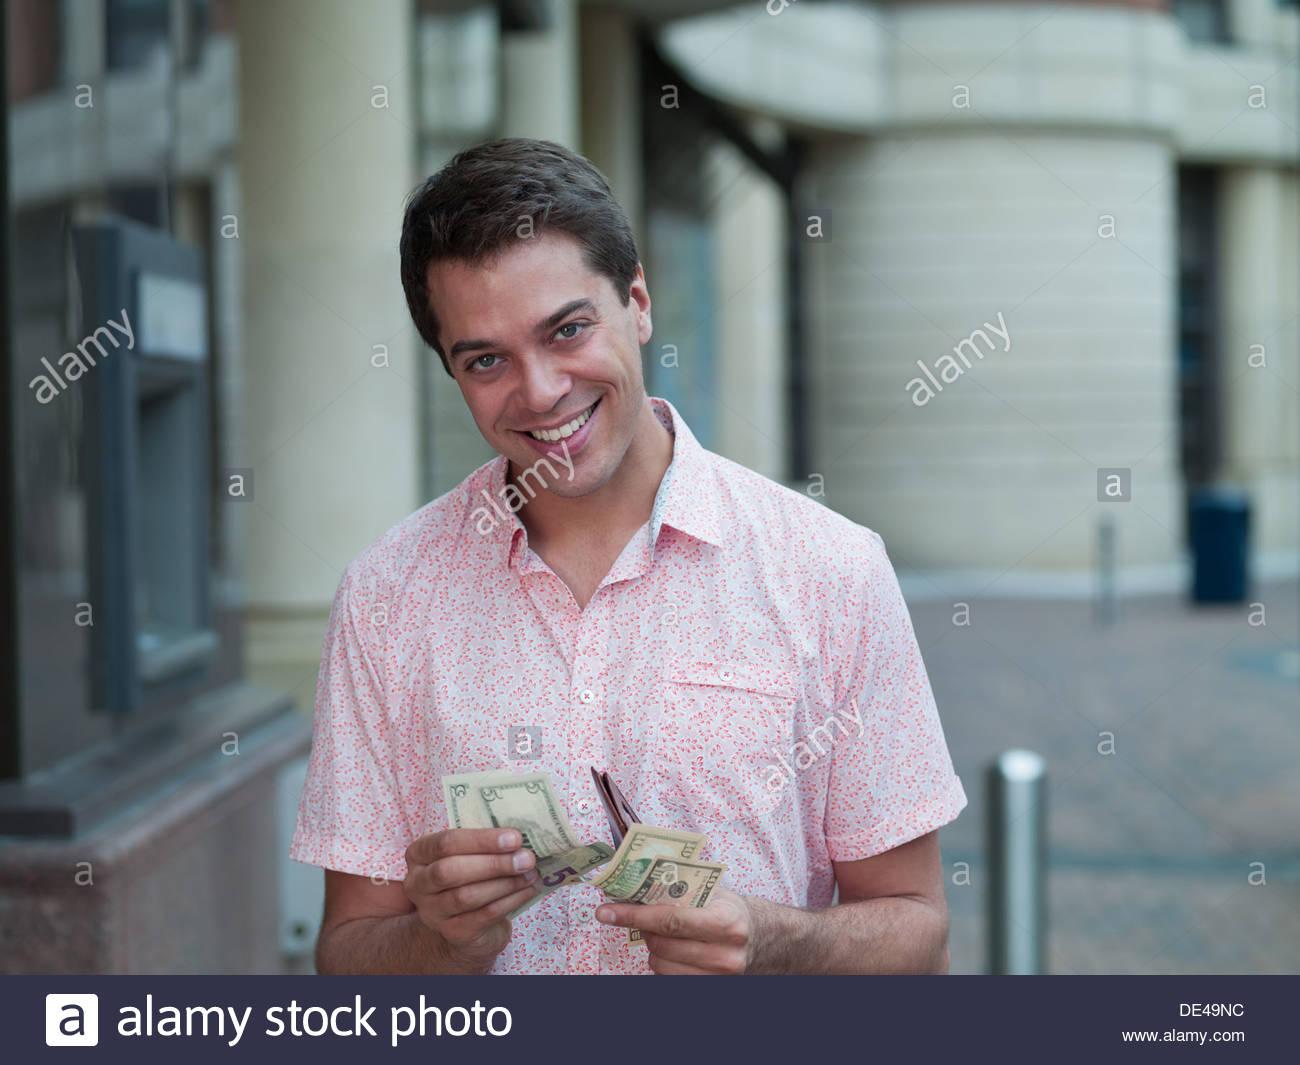 Uomo sorridente conteggiare denaro vicino al bancomat Immagini Stock